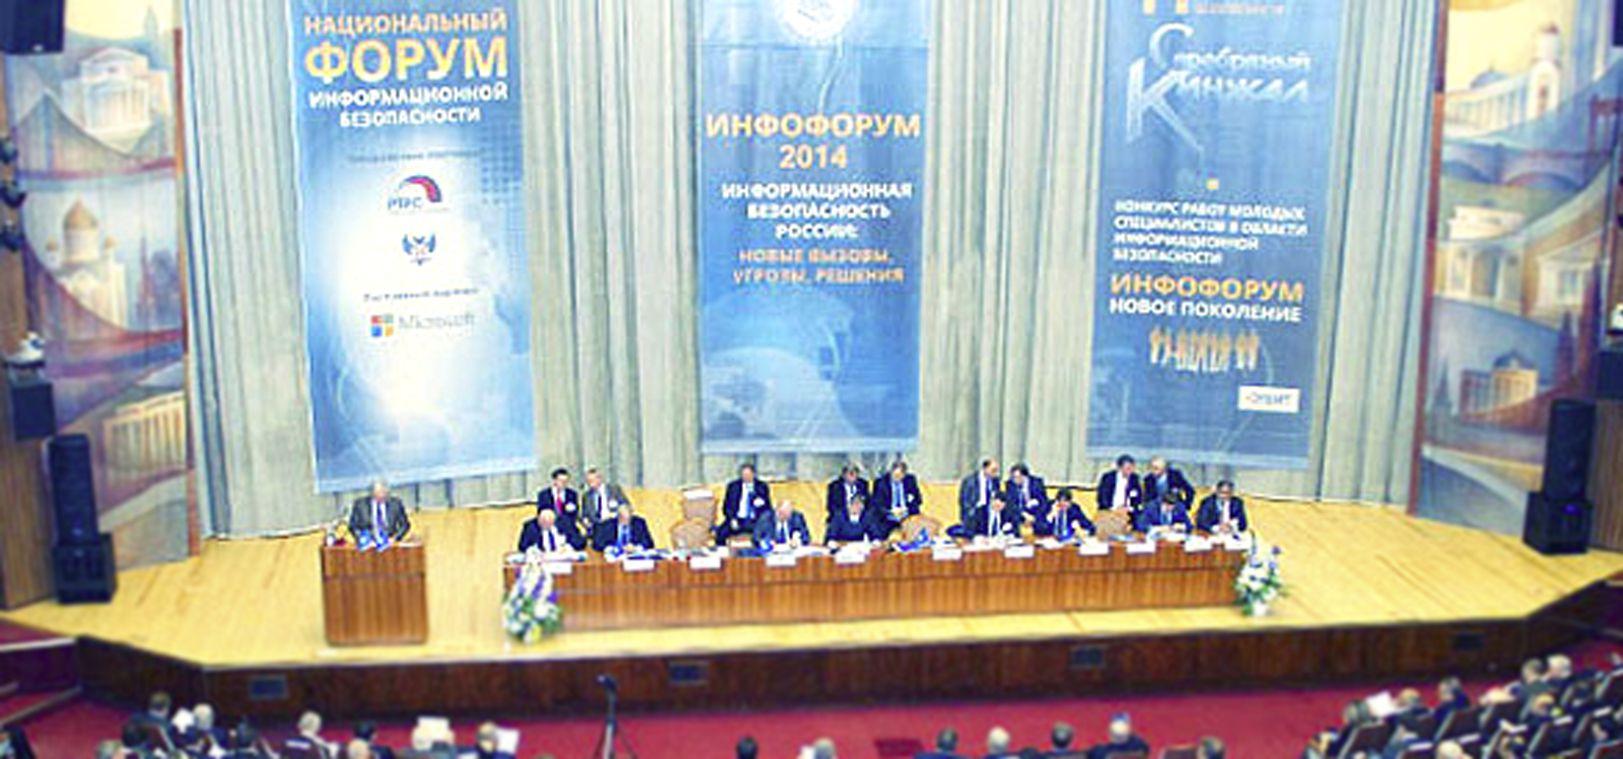 Azeri Sahar Tv | 17-Й Национальный форум информационной безопасности «Инфофорум» 2015 |